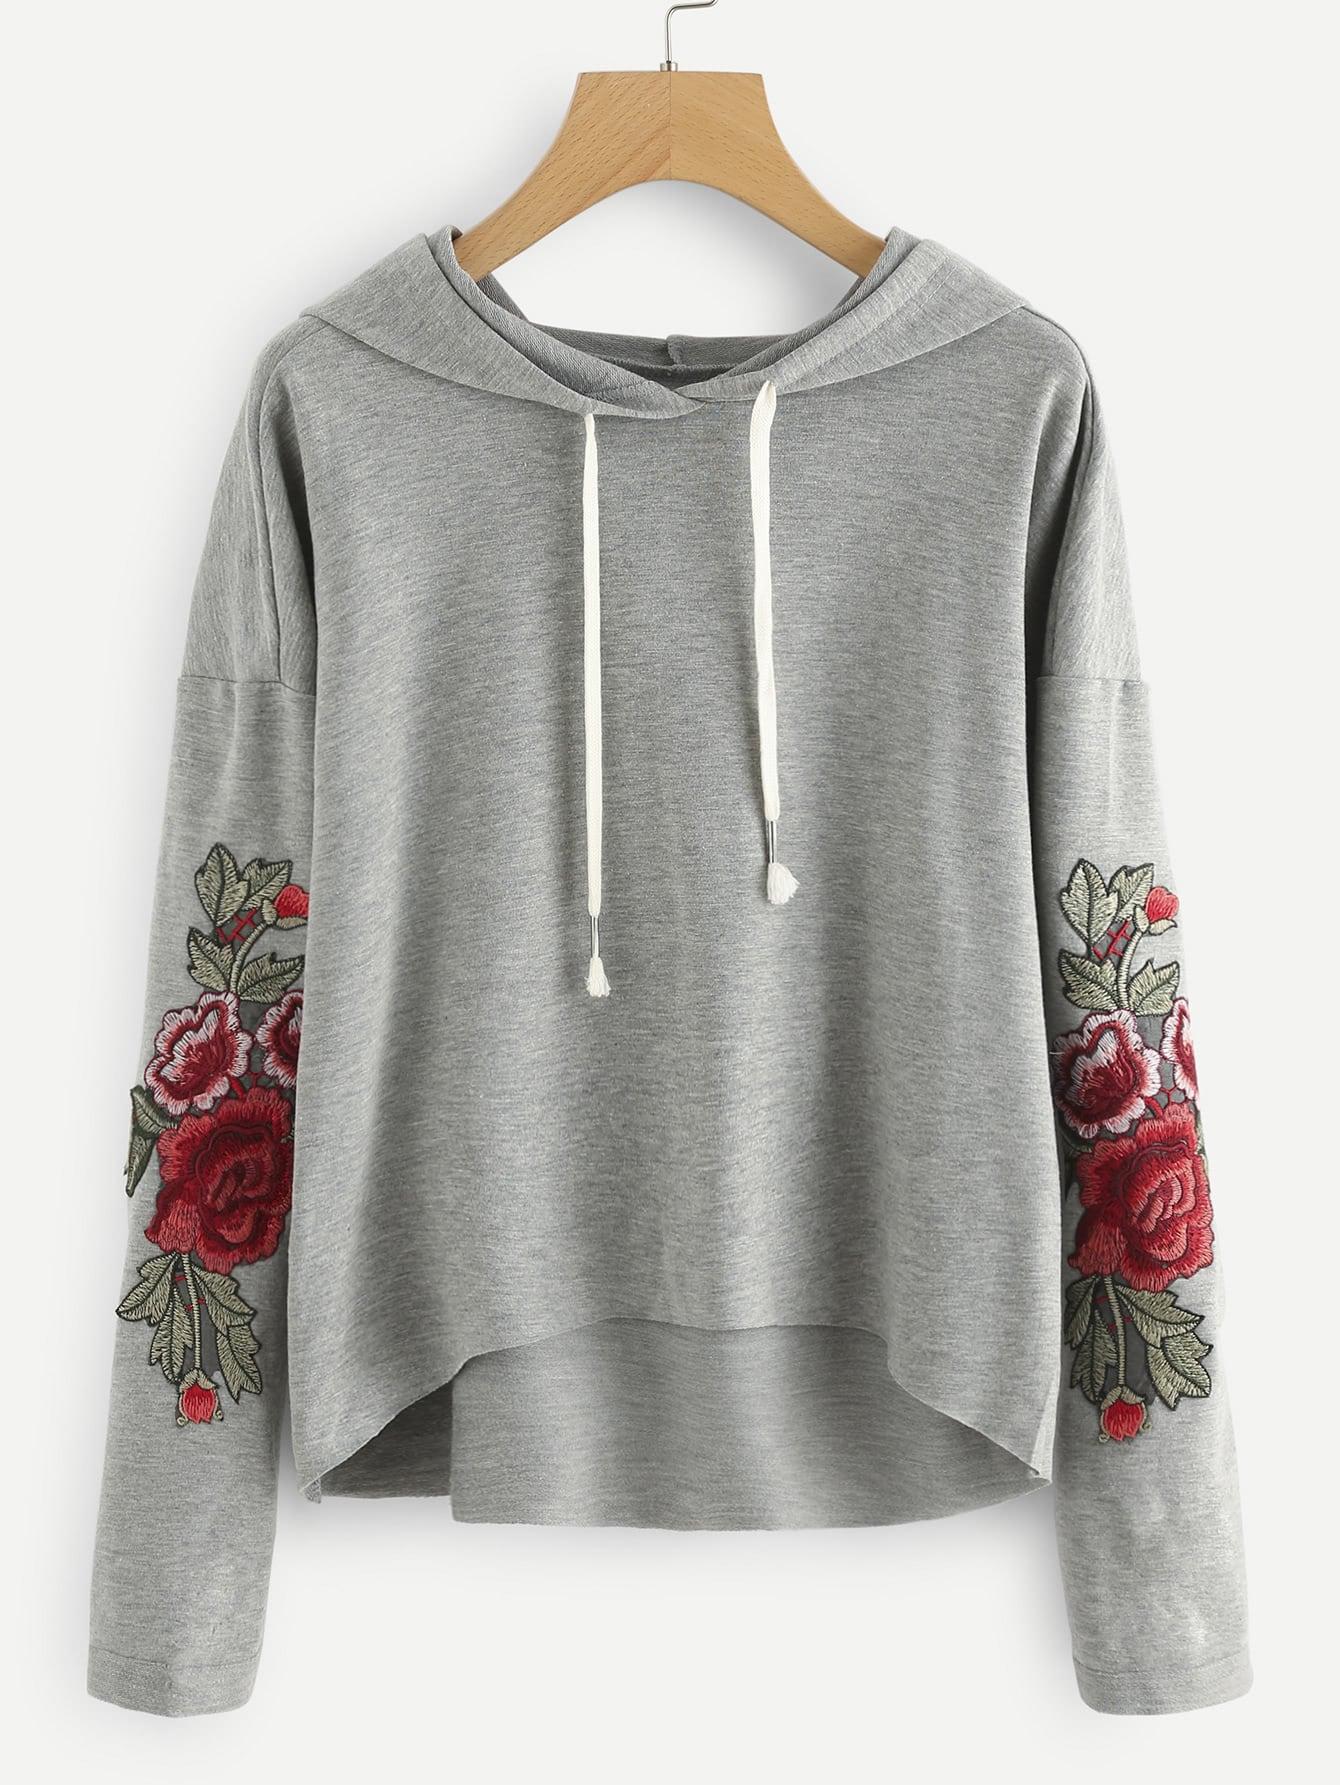 Купить Модный свитшот с капюшоном и цветочной аппликацией, null, SheIn